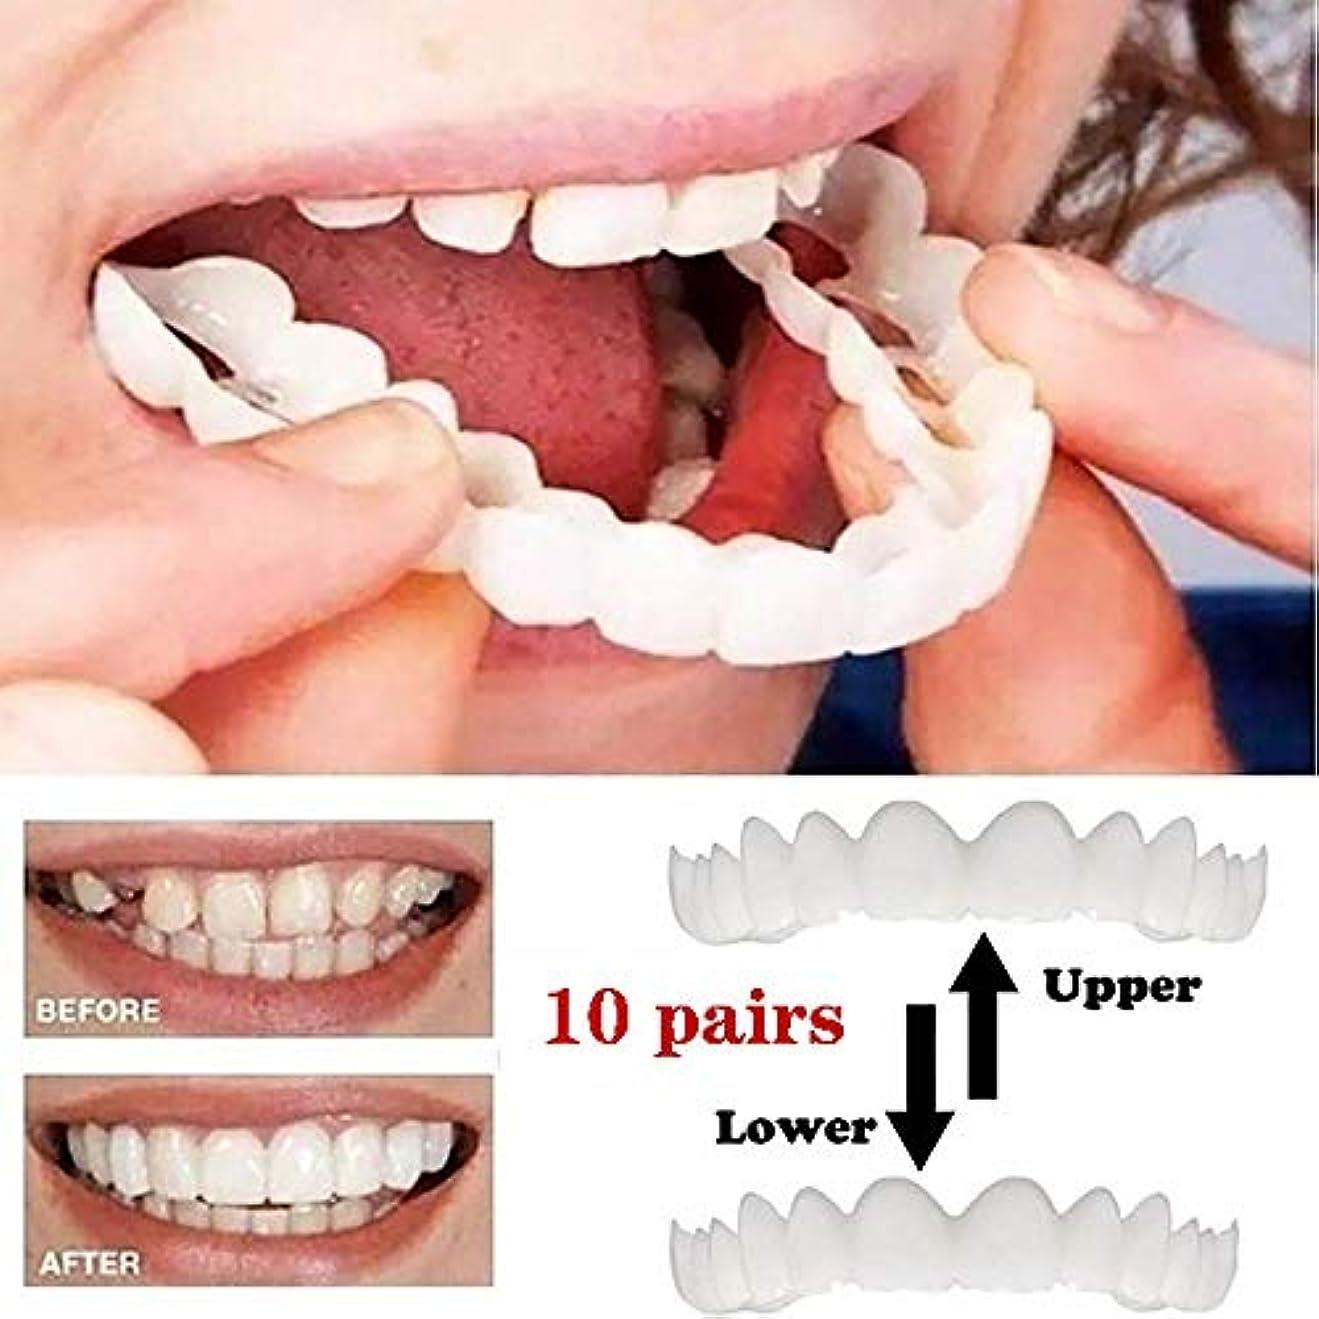 吸う口頭土曜日最新の突き板の歯、化粧用歯20個 - 一時的な笑顔の快適フィットフレックス化粧品の歯、ワンサイズは最もフィット、快適な上の歯のベニヤと下のベニヤ - 歯のベニヤ(下+上)